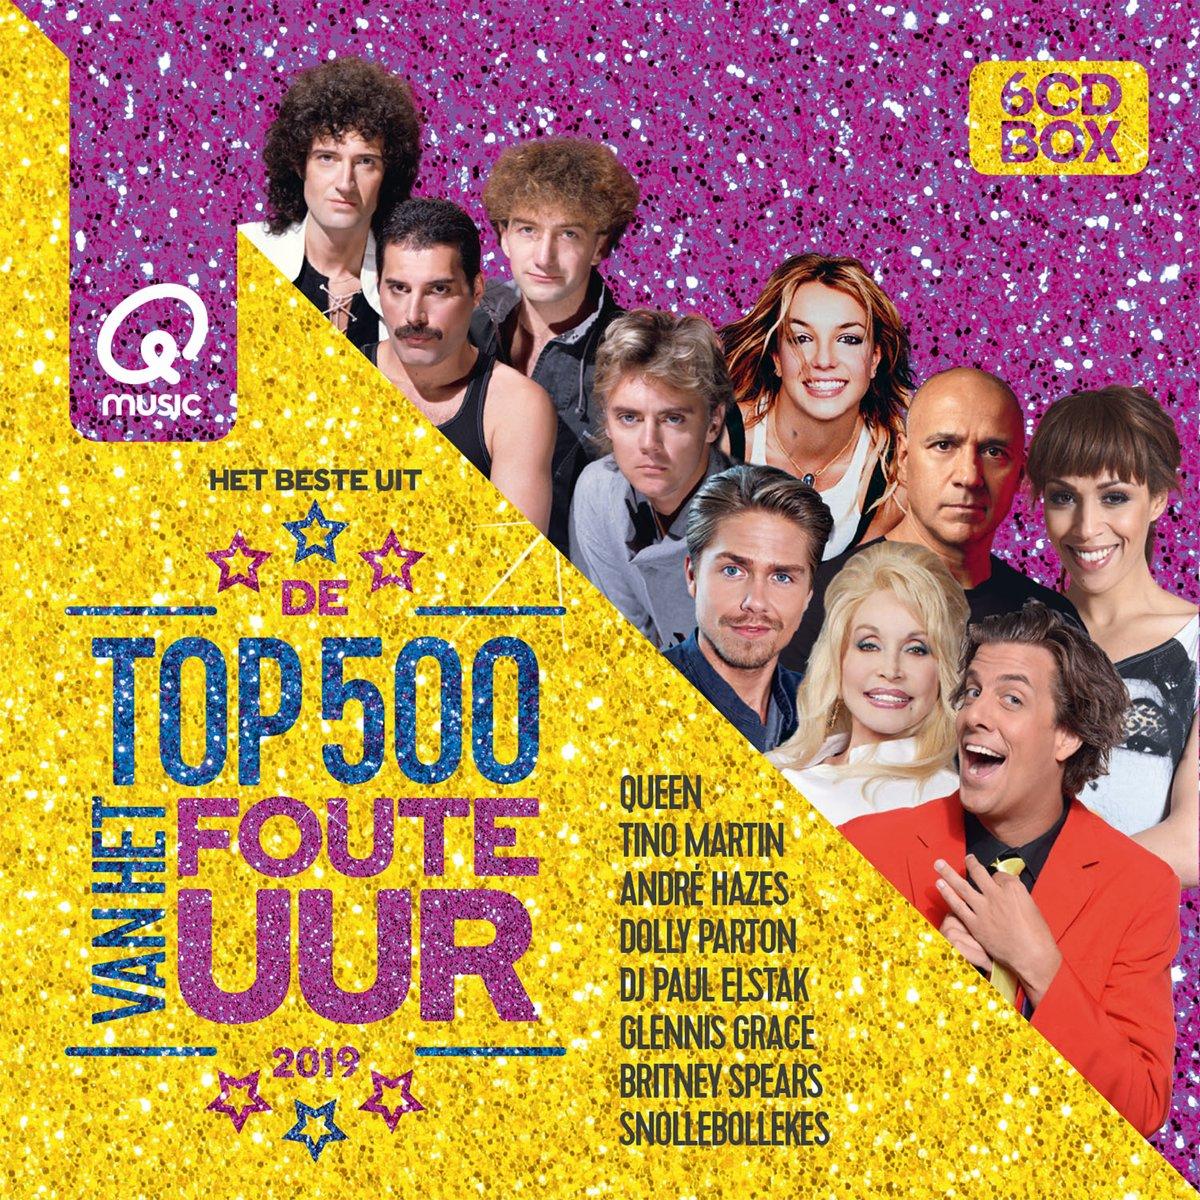 Qmusic Top 500 Van Het Foute Uur - 2019 - Various